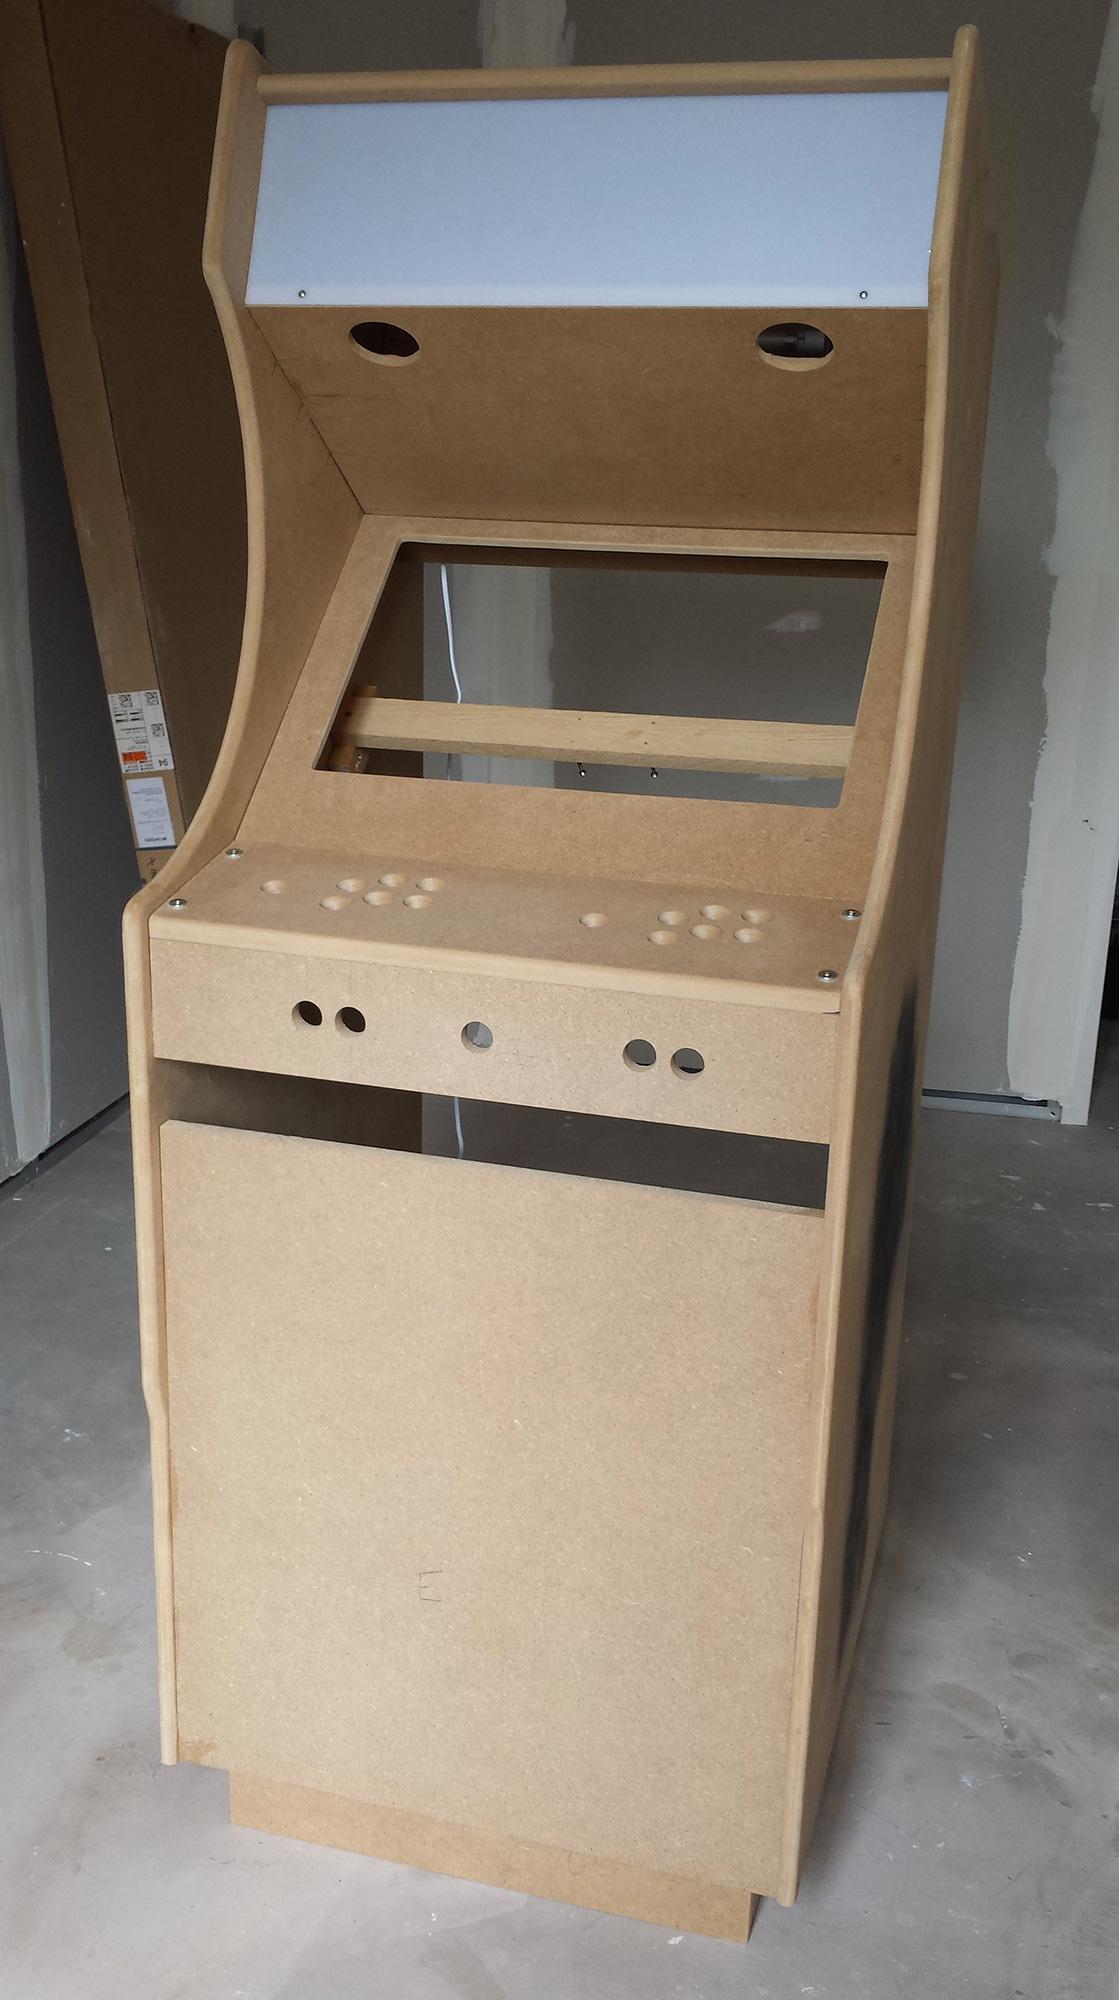 20170809 131005 cr ation de meubles en bois sur mesure - Creation de meuble sur mesure ...